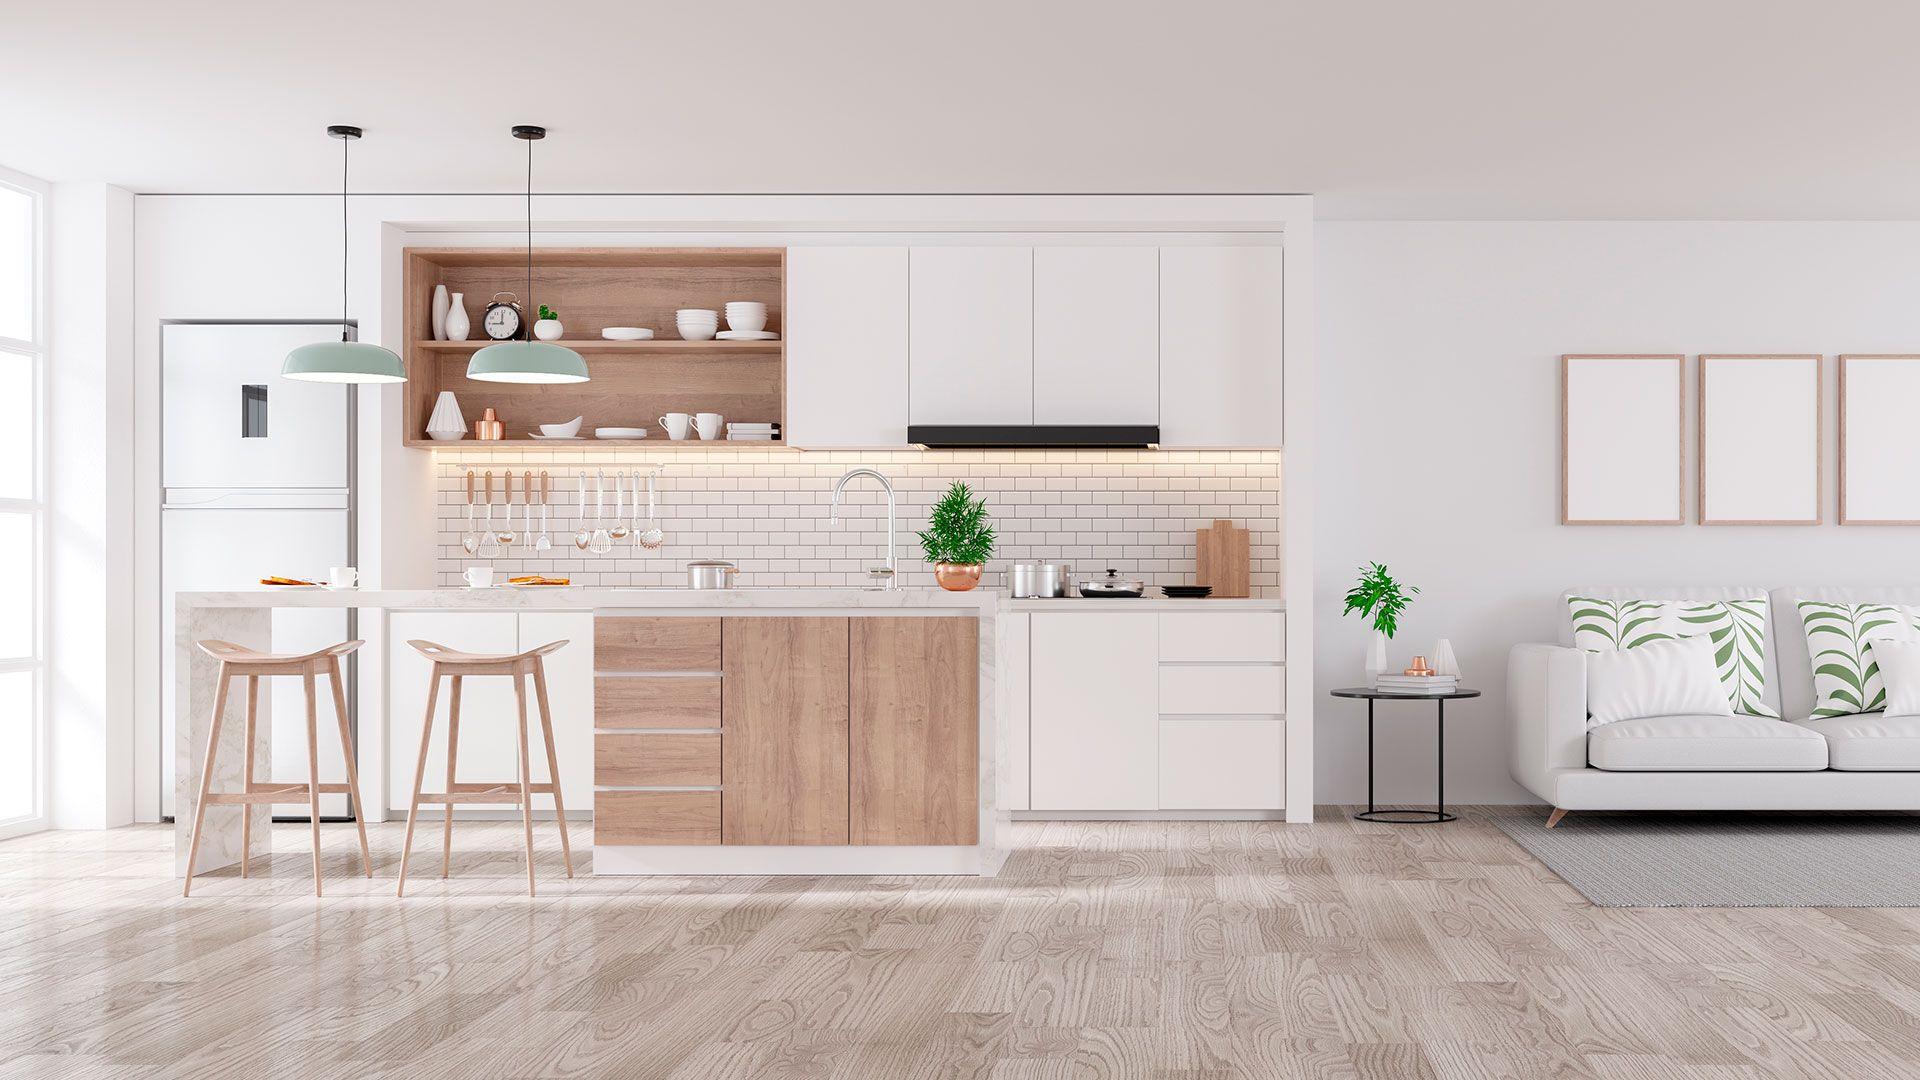 Cocina diseñada e instalada por Soinco para una constructora inmobiliaria